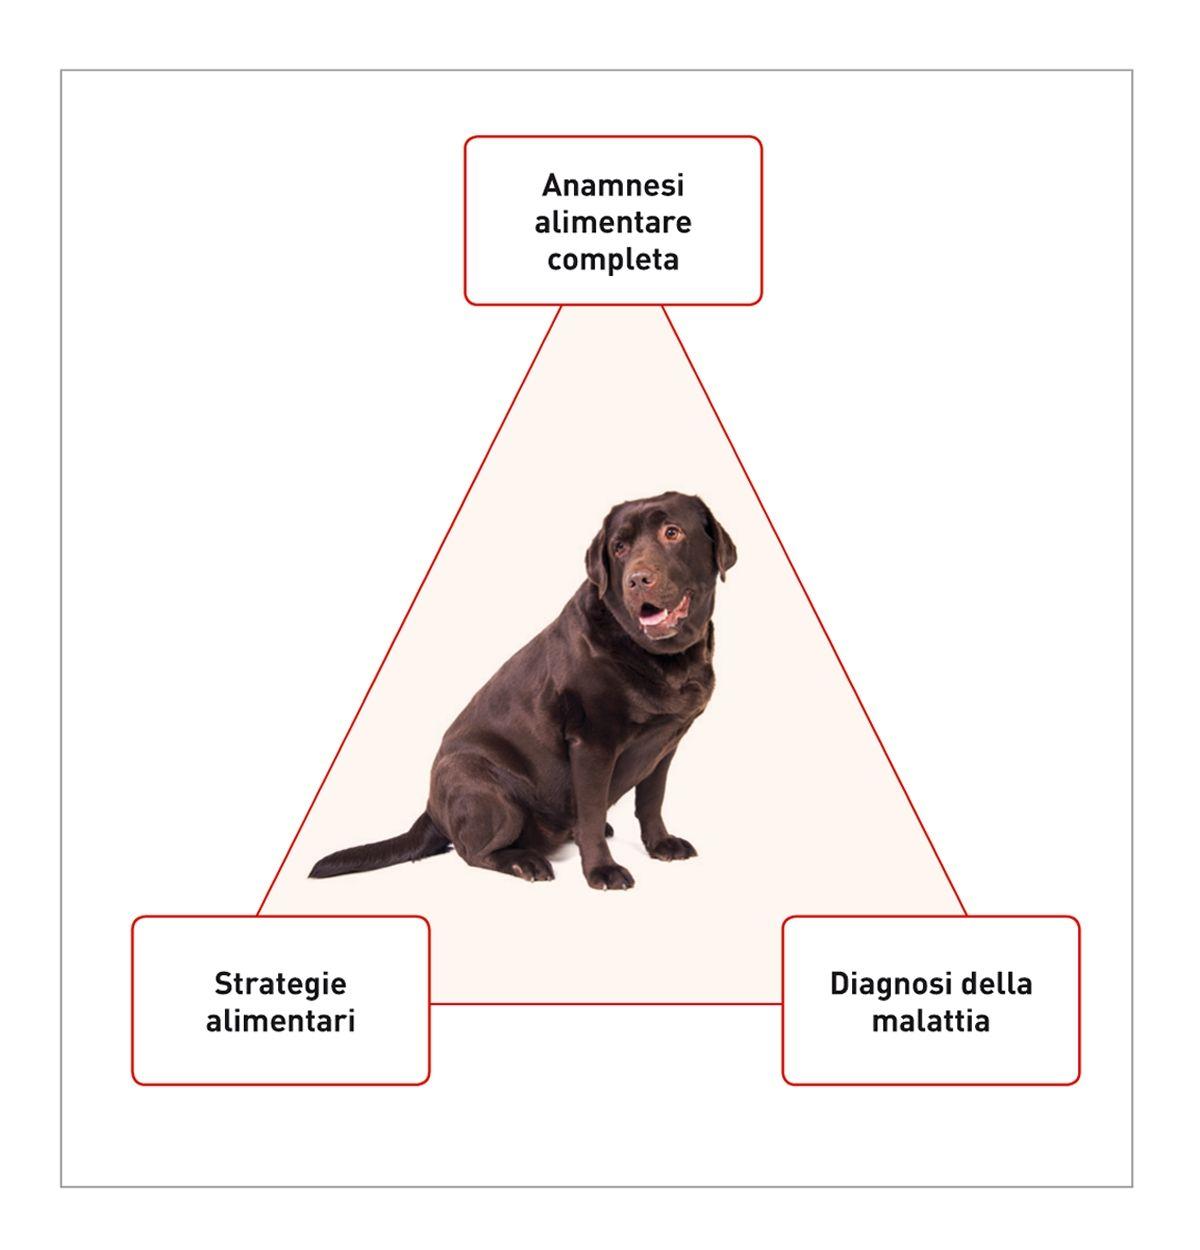 Il successo della gestione dietetica dipende dalla relazione che intercorre fra tre fattori principali. È indispensabile che il veterinario valuti: (I) l'anamnesi alimentare del paziente, (II) le strategie alimentari disponibili per il paziente e (III) la malattia da trattare. Un approccio dietetico specifico può essere generalmente ottenuto se questi tre aspetti sono valutati caso per caso.